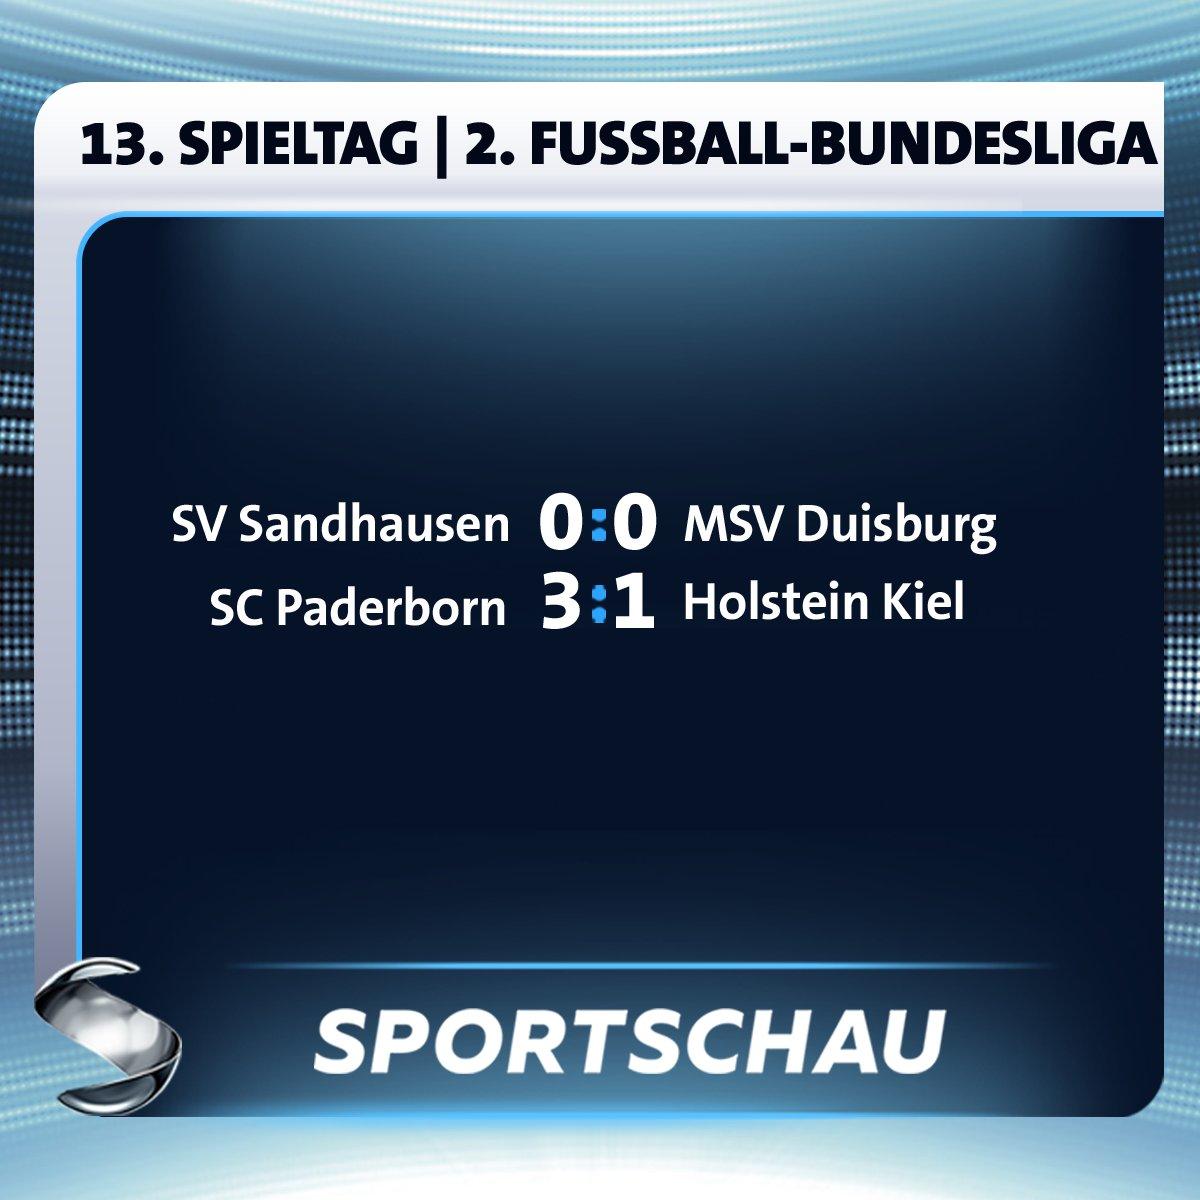 RT @sportschau: Zur Halbzeit ist in Sandhausen ziemlich wenig los, in Paderborn dafür umso mehr. #SCPKSV #SVSMSV https://t.co/1cA5Oi6AcJ